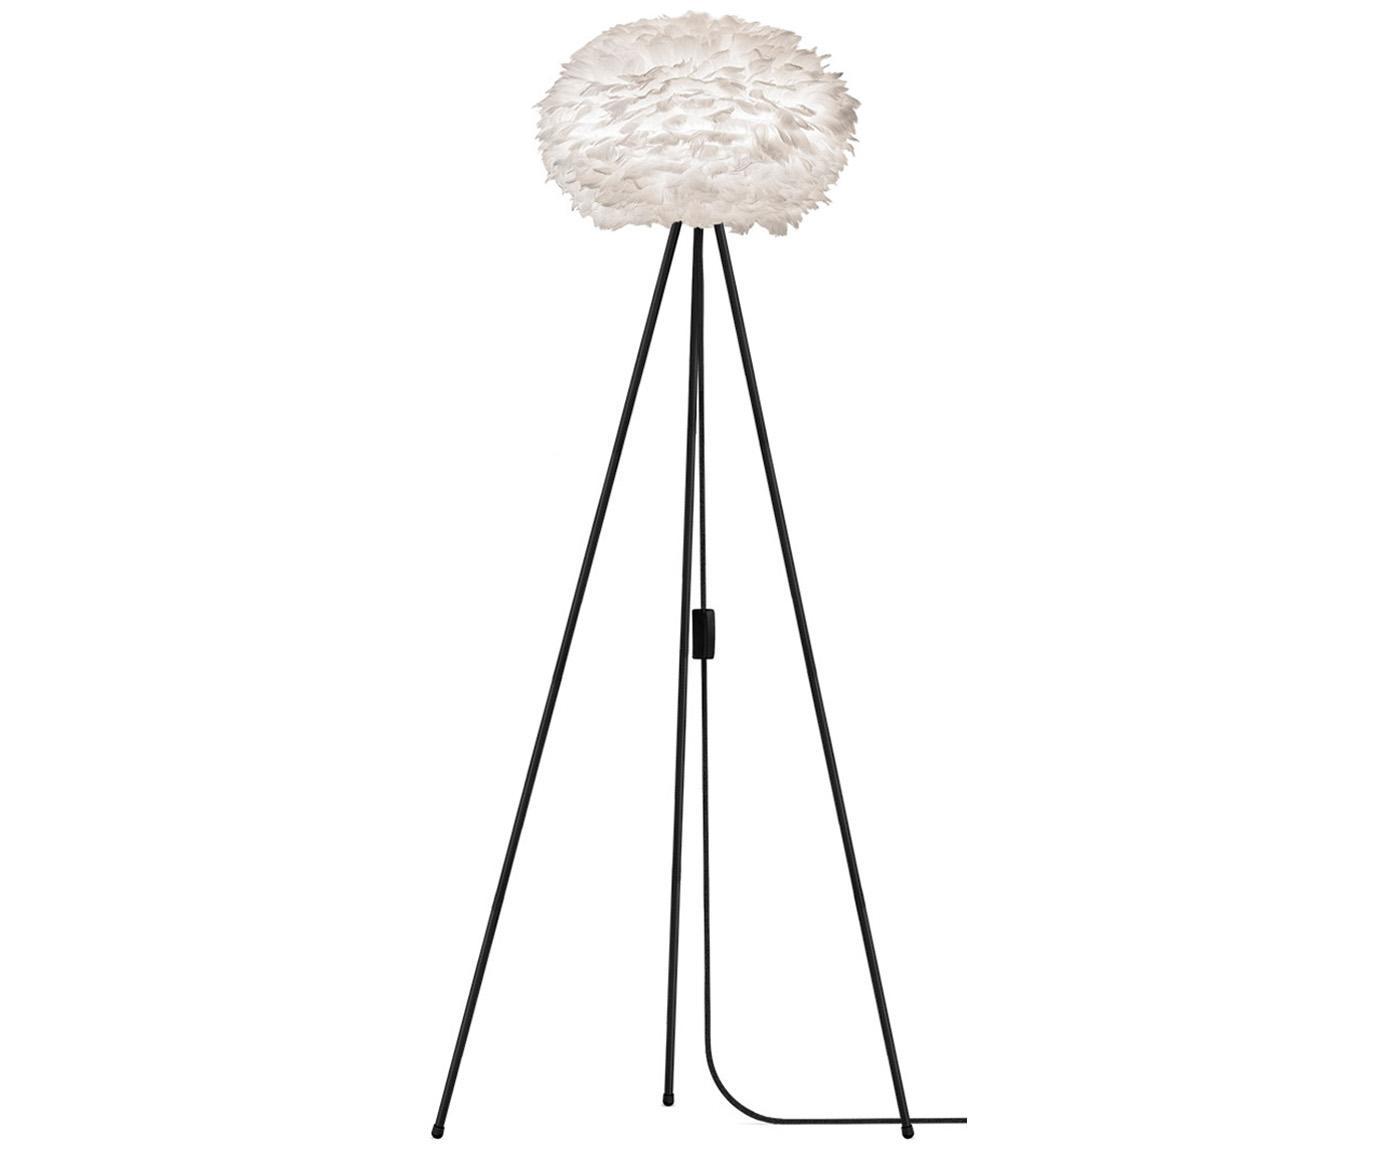 Vloerlamp Eos van veren, Lampenkap: ganzeveren, staal, Lampvoet: gepoedercoat aluminium, Wit, zwart, Ø 66 cm